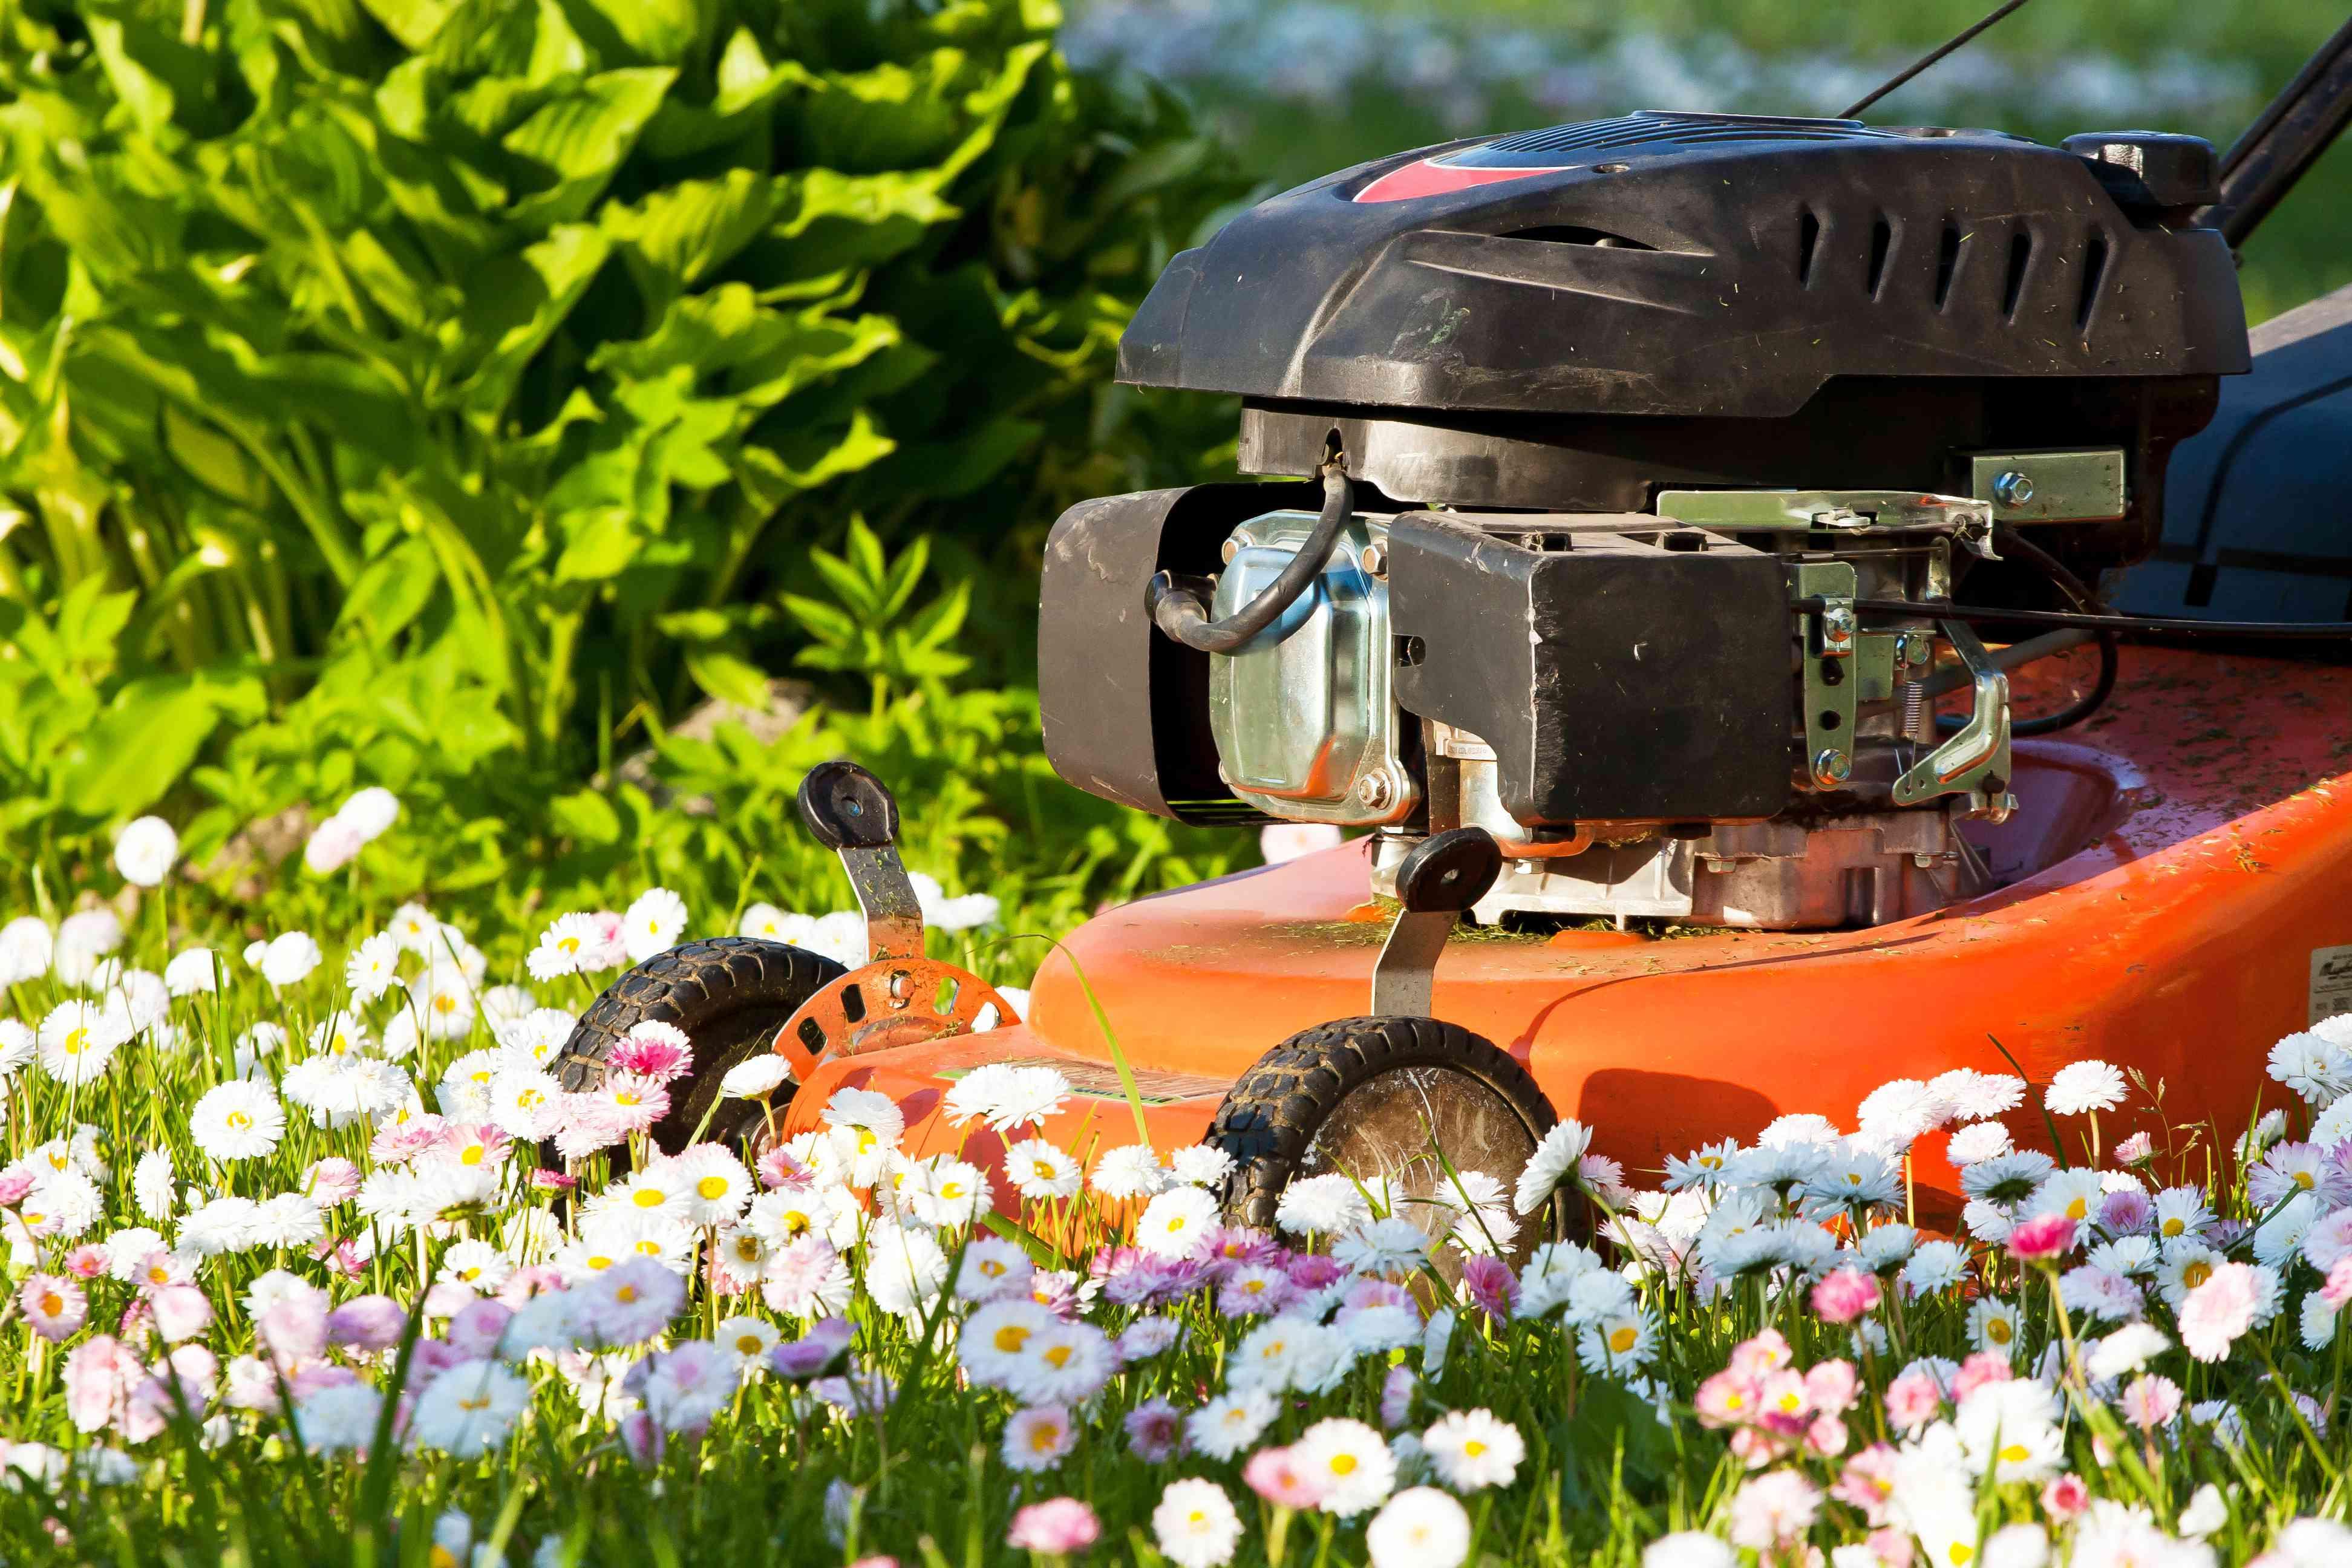 lawnmower cutting flowers